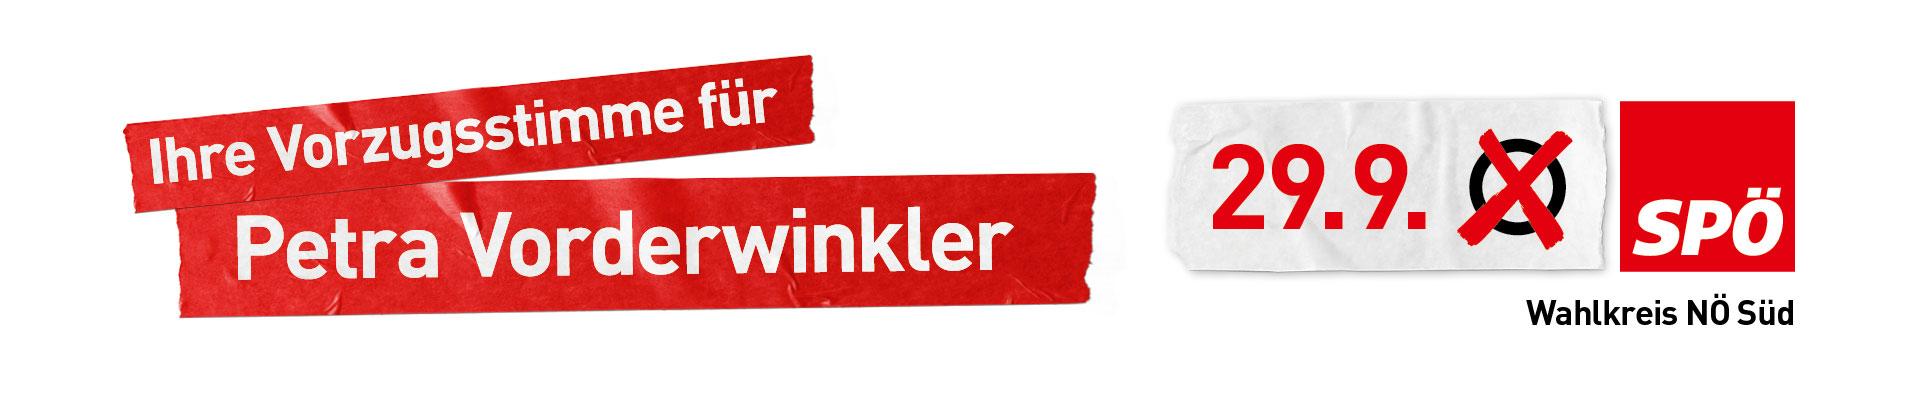 Petra Vorderwinkler Wiener Neustadt Neunkirchen Nationalratswahl